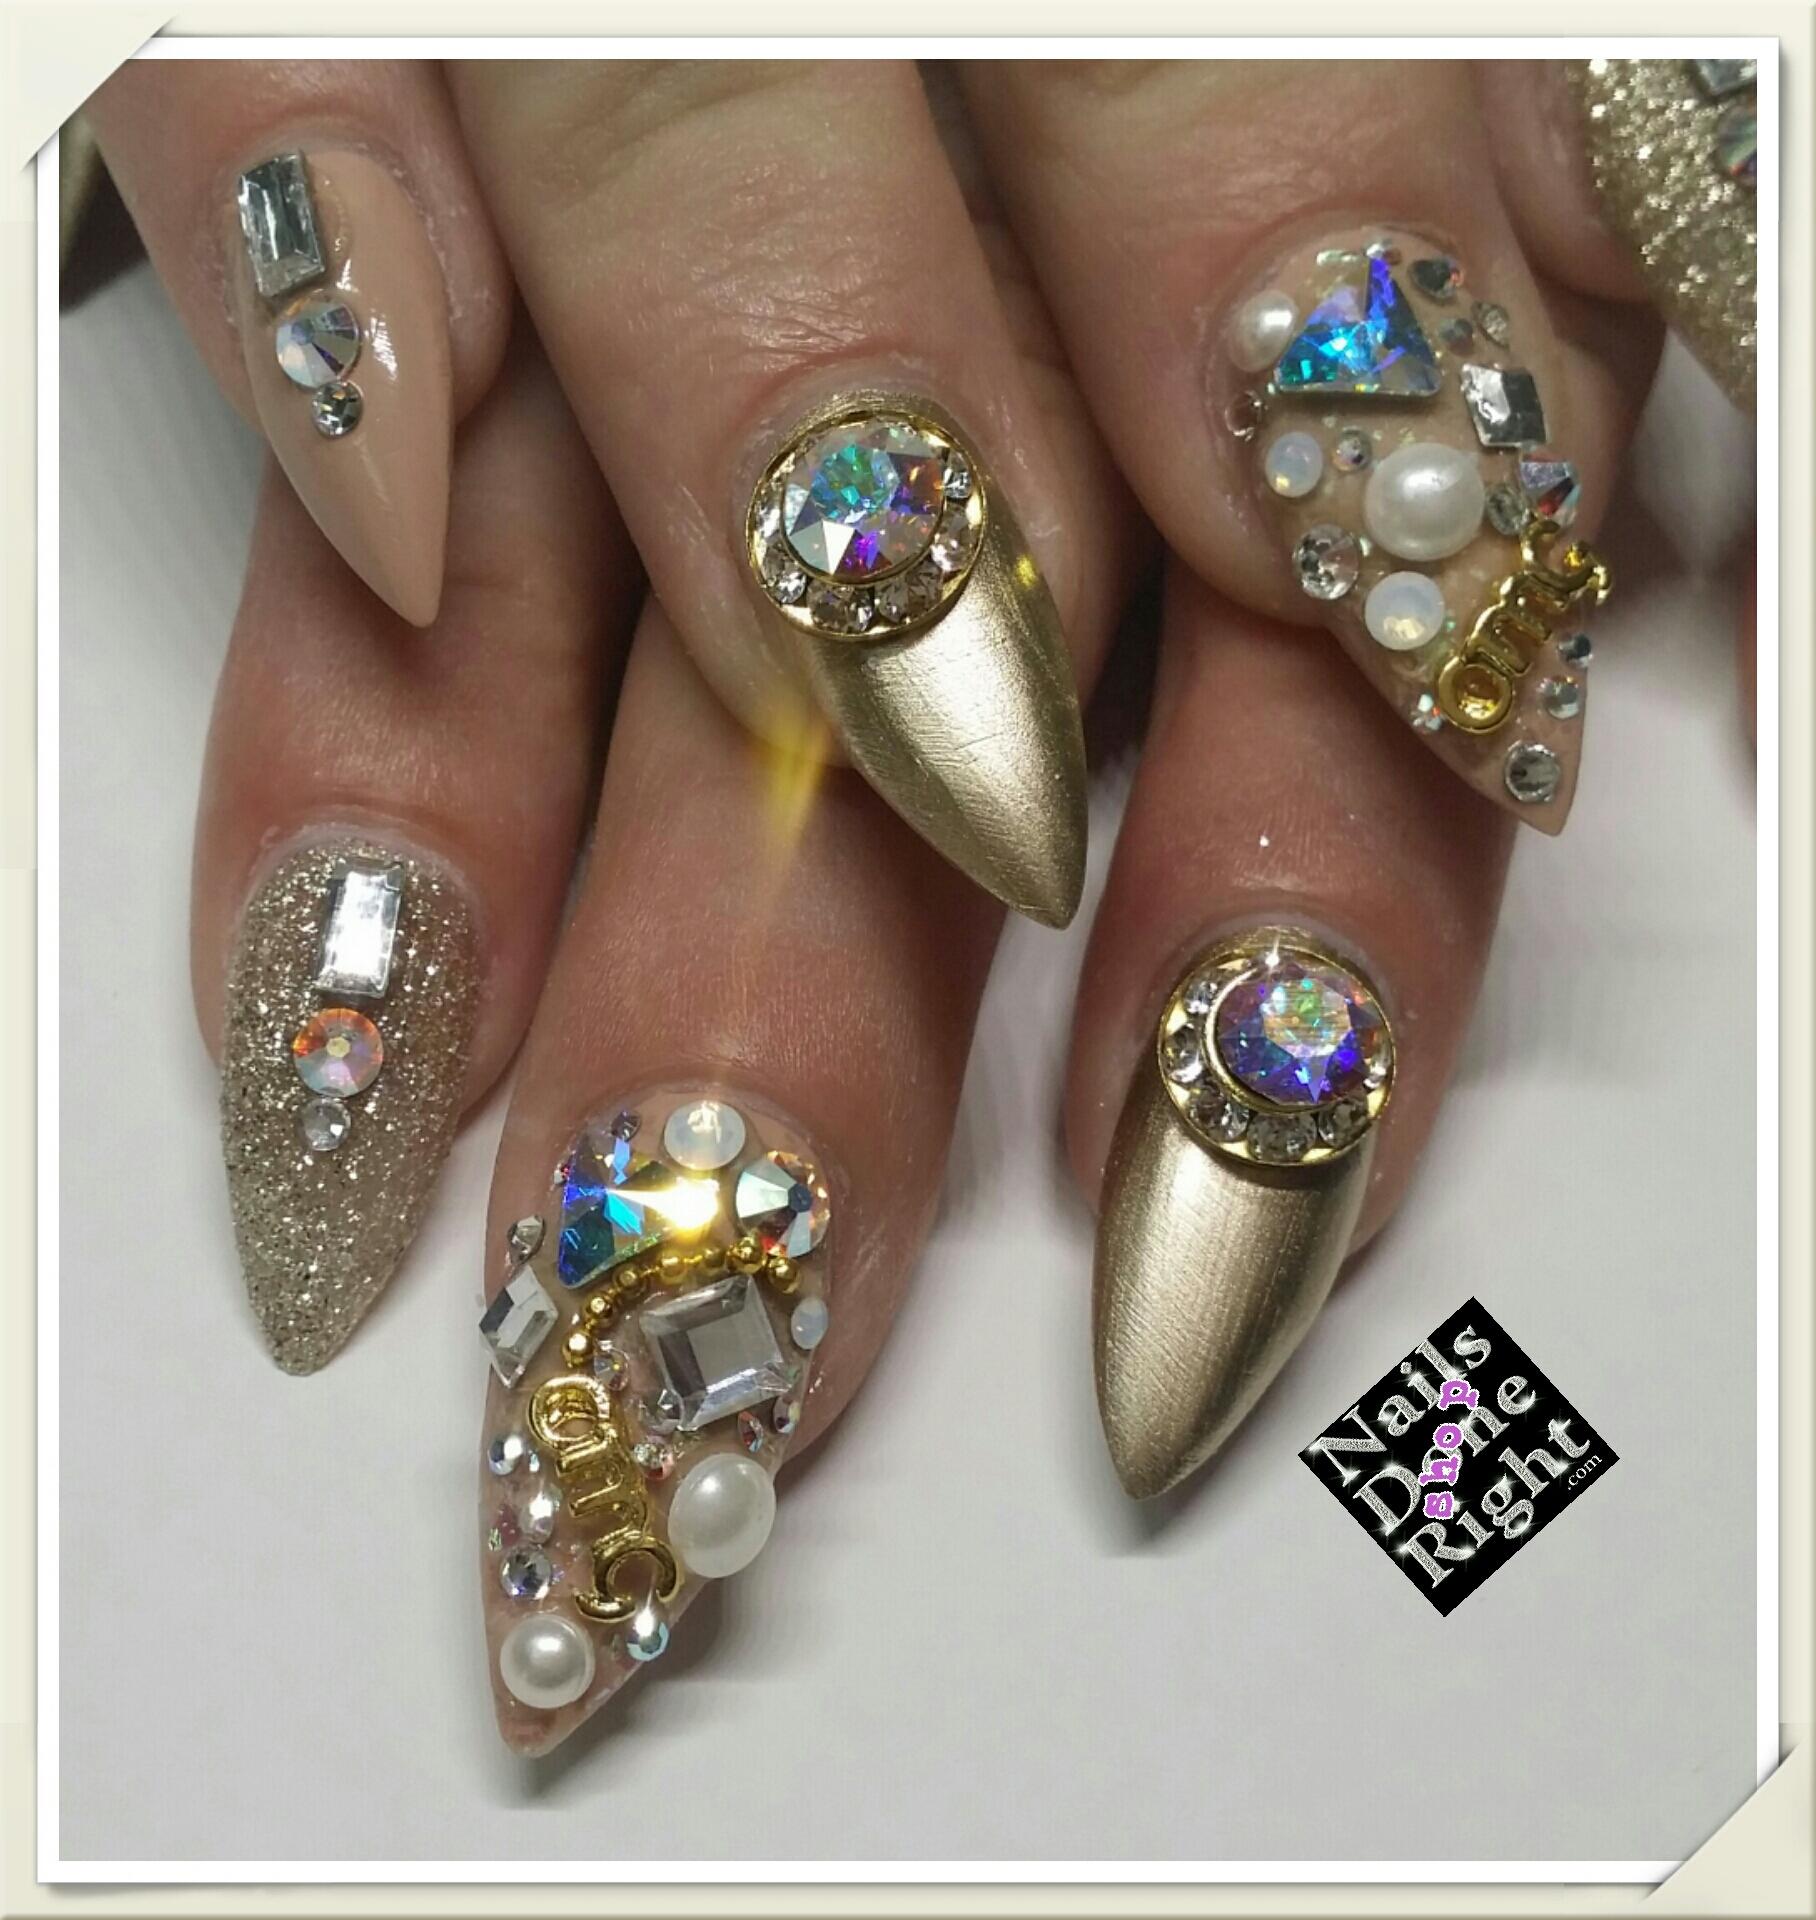 orlando nails | Nails Done Right